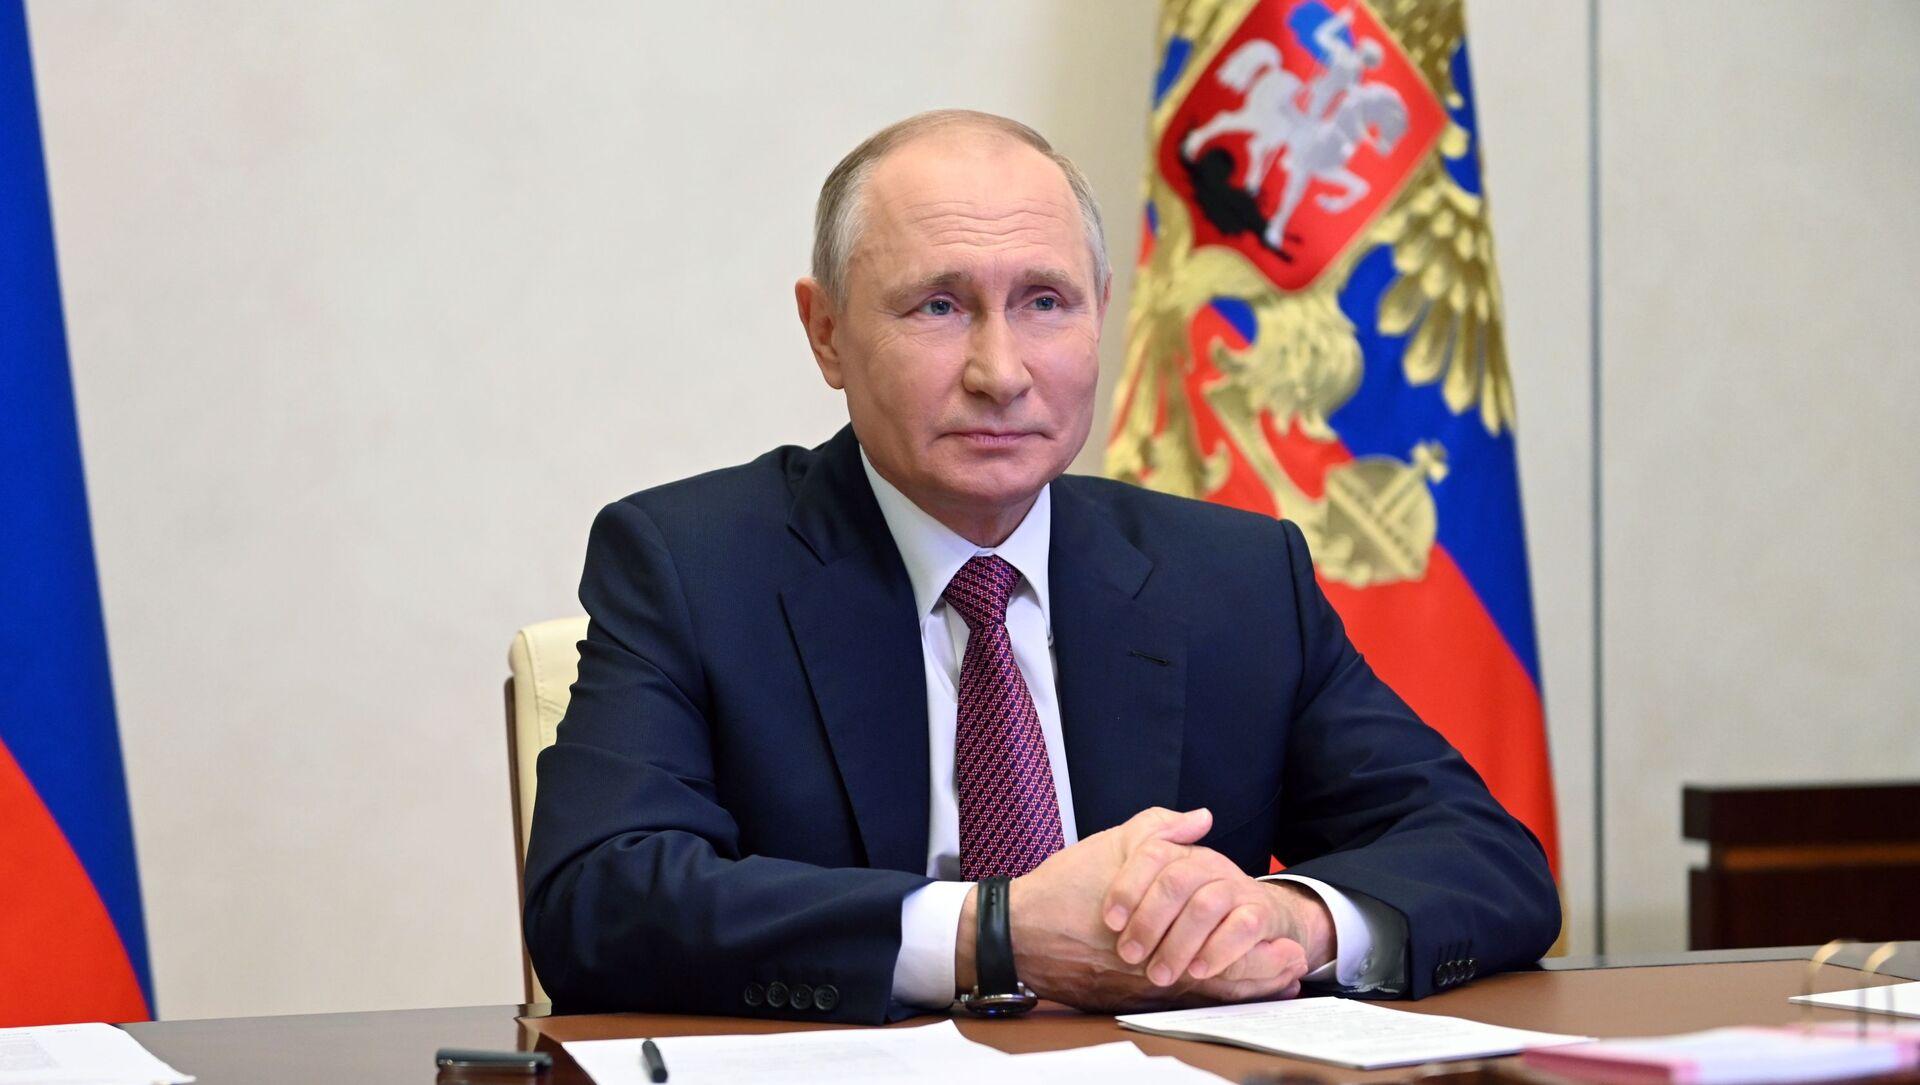 Президент РФ В. Путин провел встречу с финалистами конкурса Большая перемена - Sputnik Абхазия, 1920, 30.09.2021